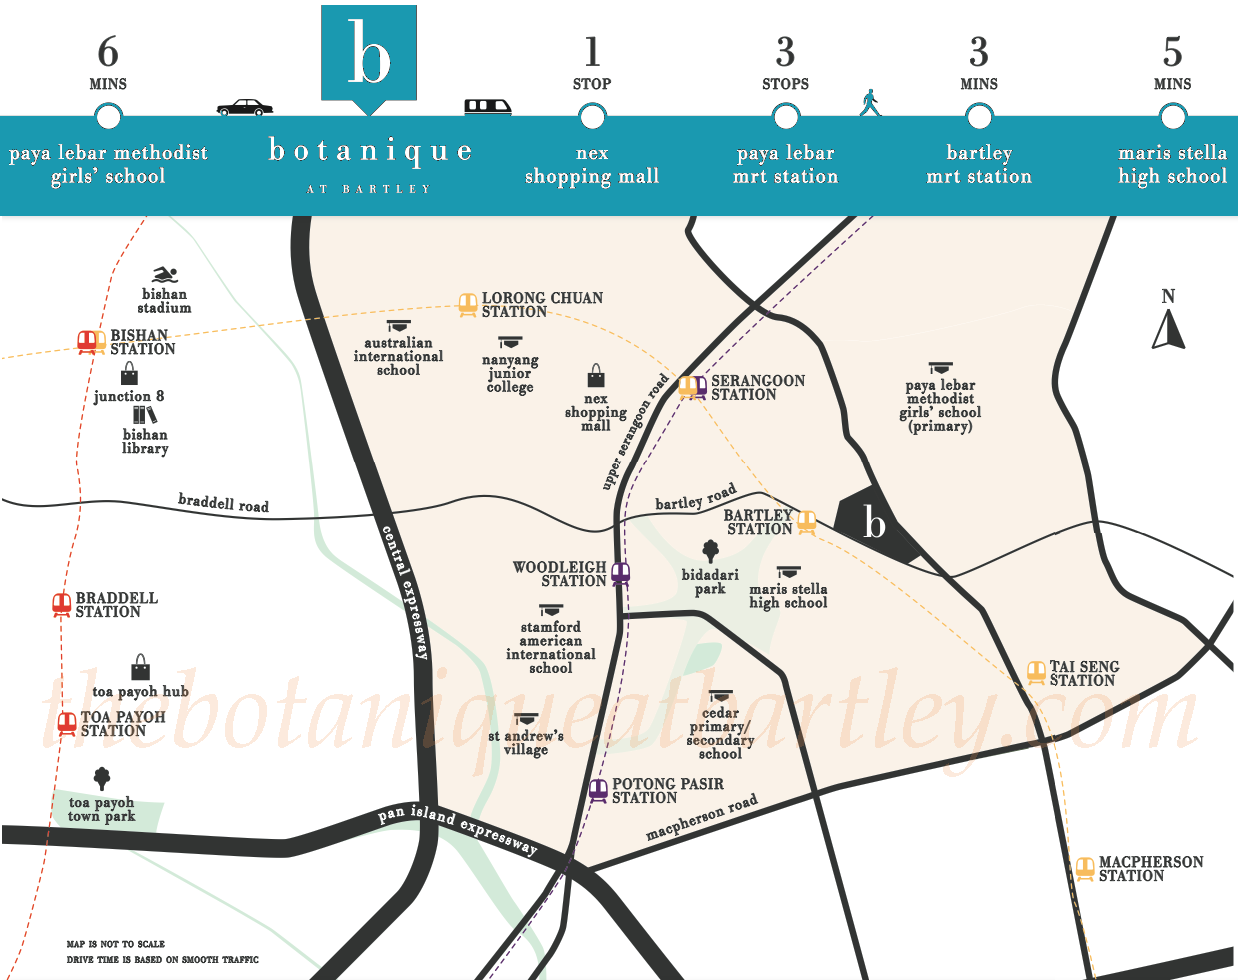 Botanique Location Map